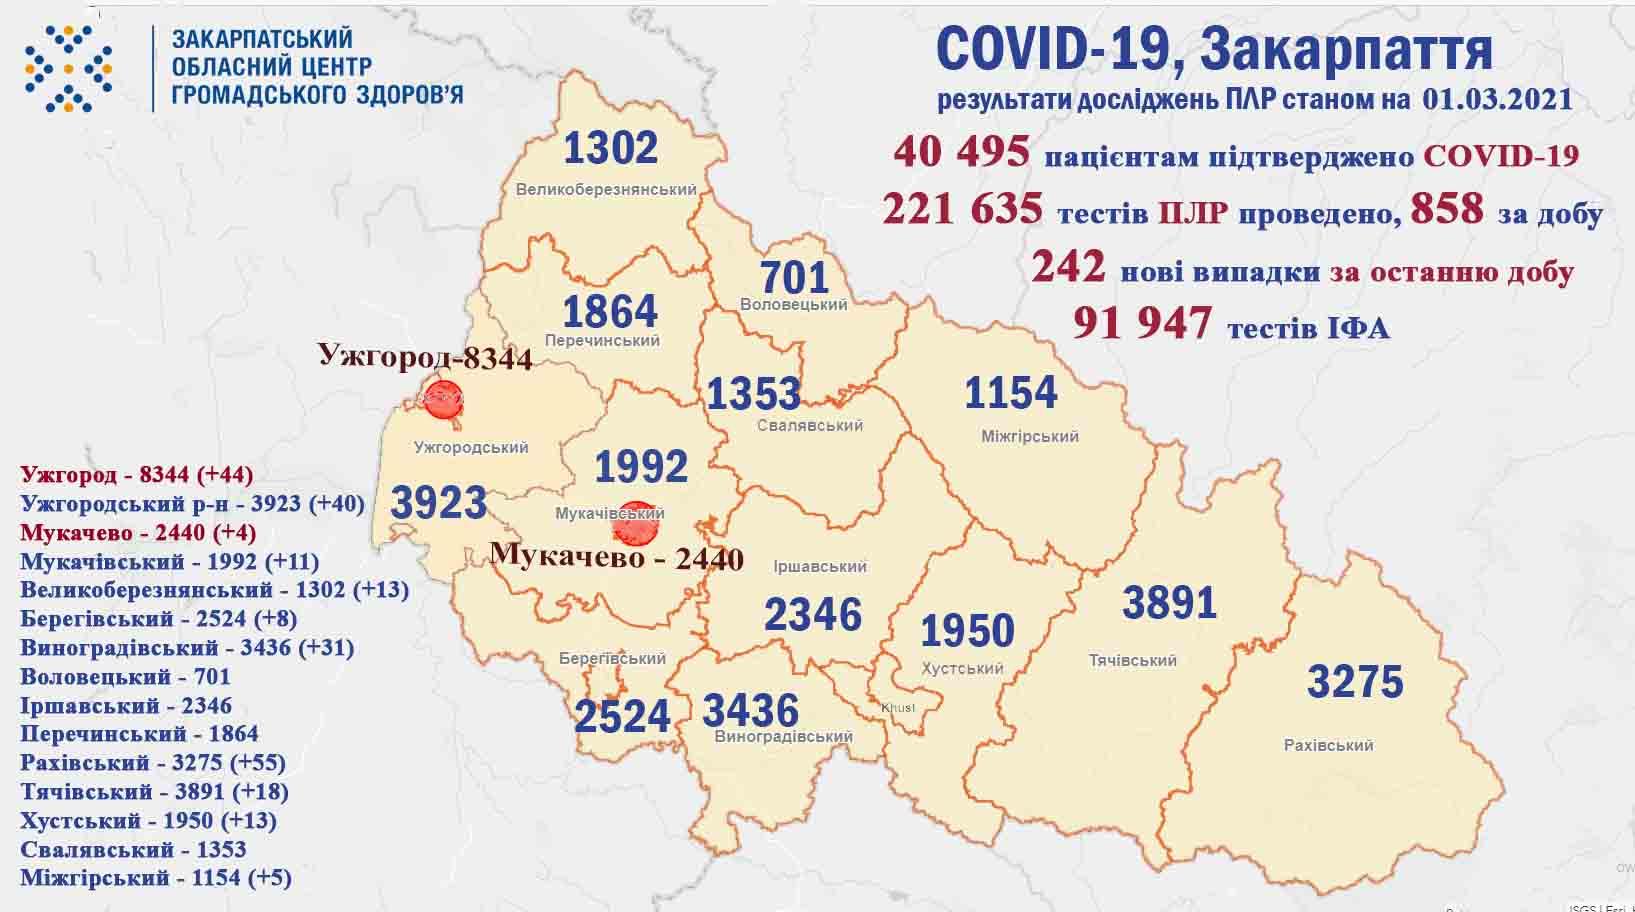 На Закарпатті за добу виявили 242 випадки COVID-19